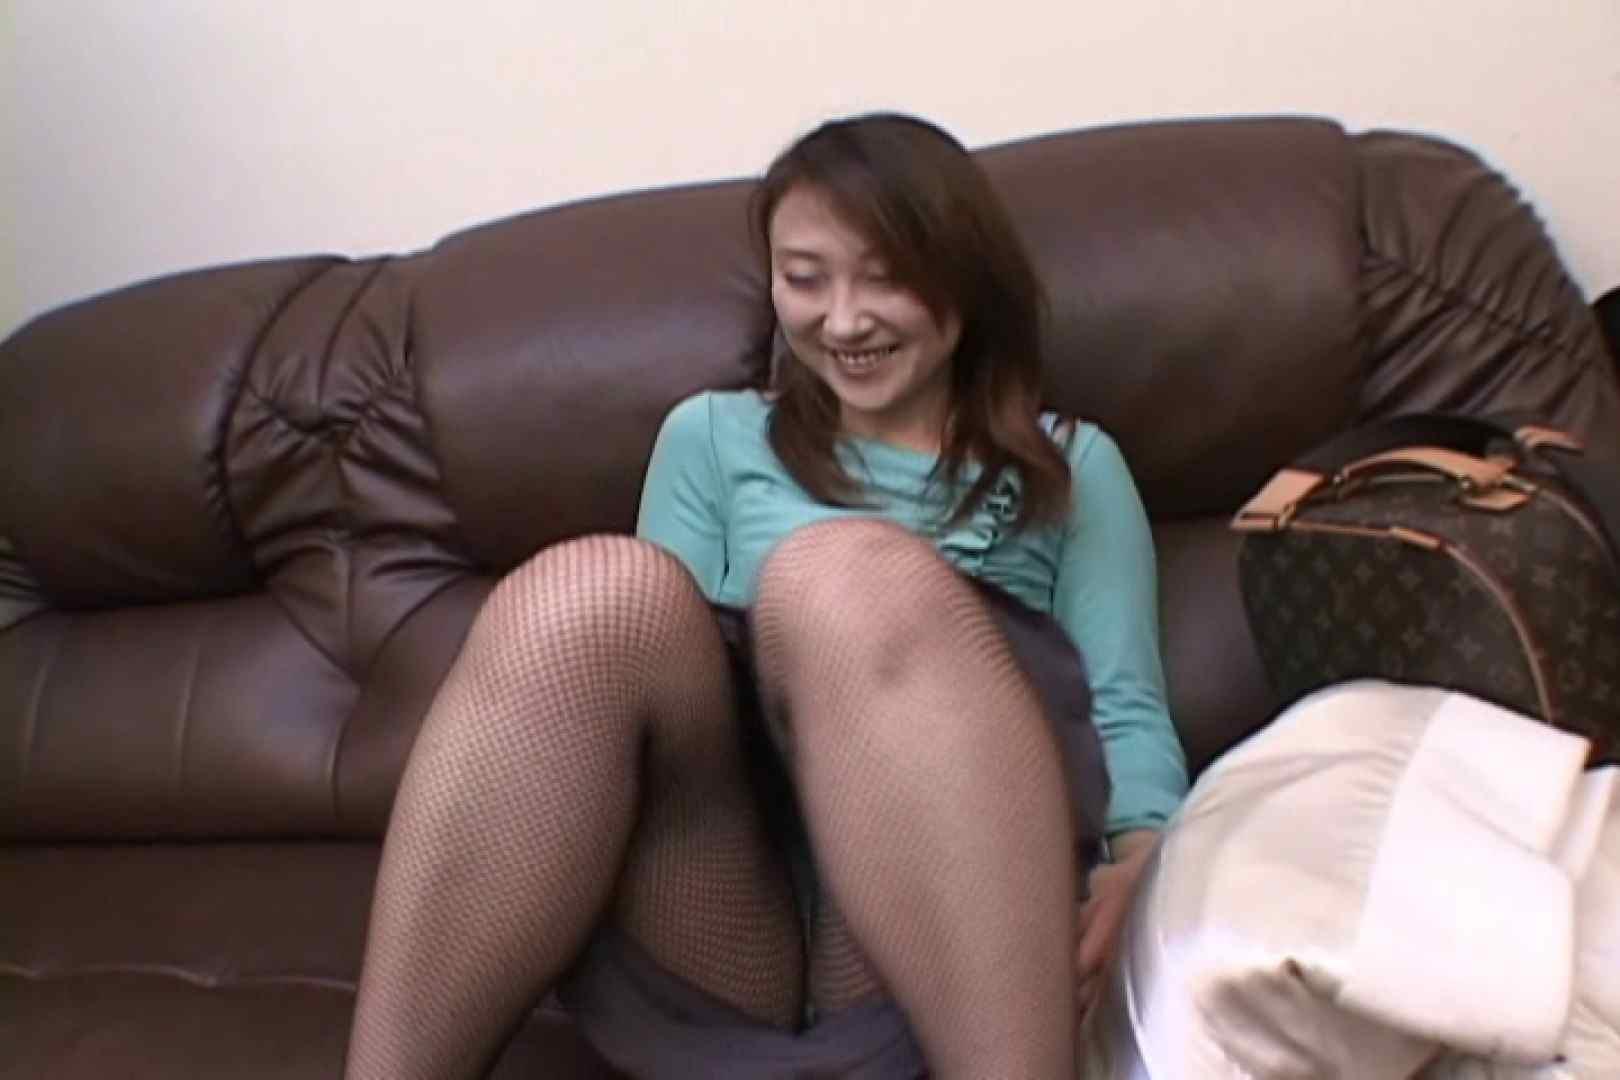 オナニー好きの綺麗なお姉さんと楽しくSEX~姫野あかね~ お姉さん  39連発 20